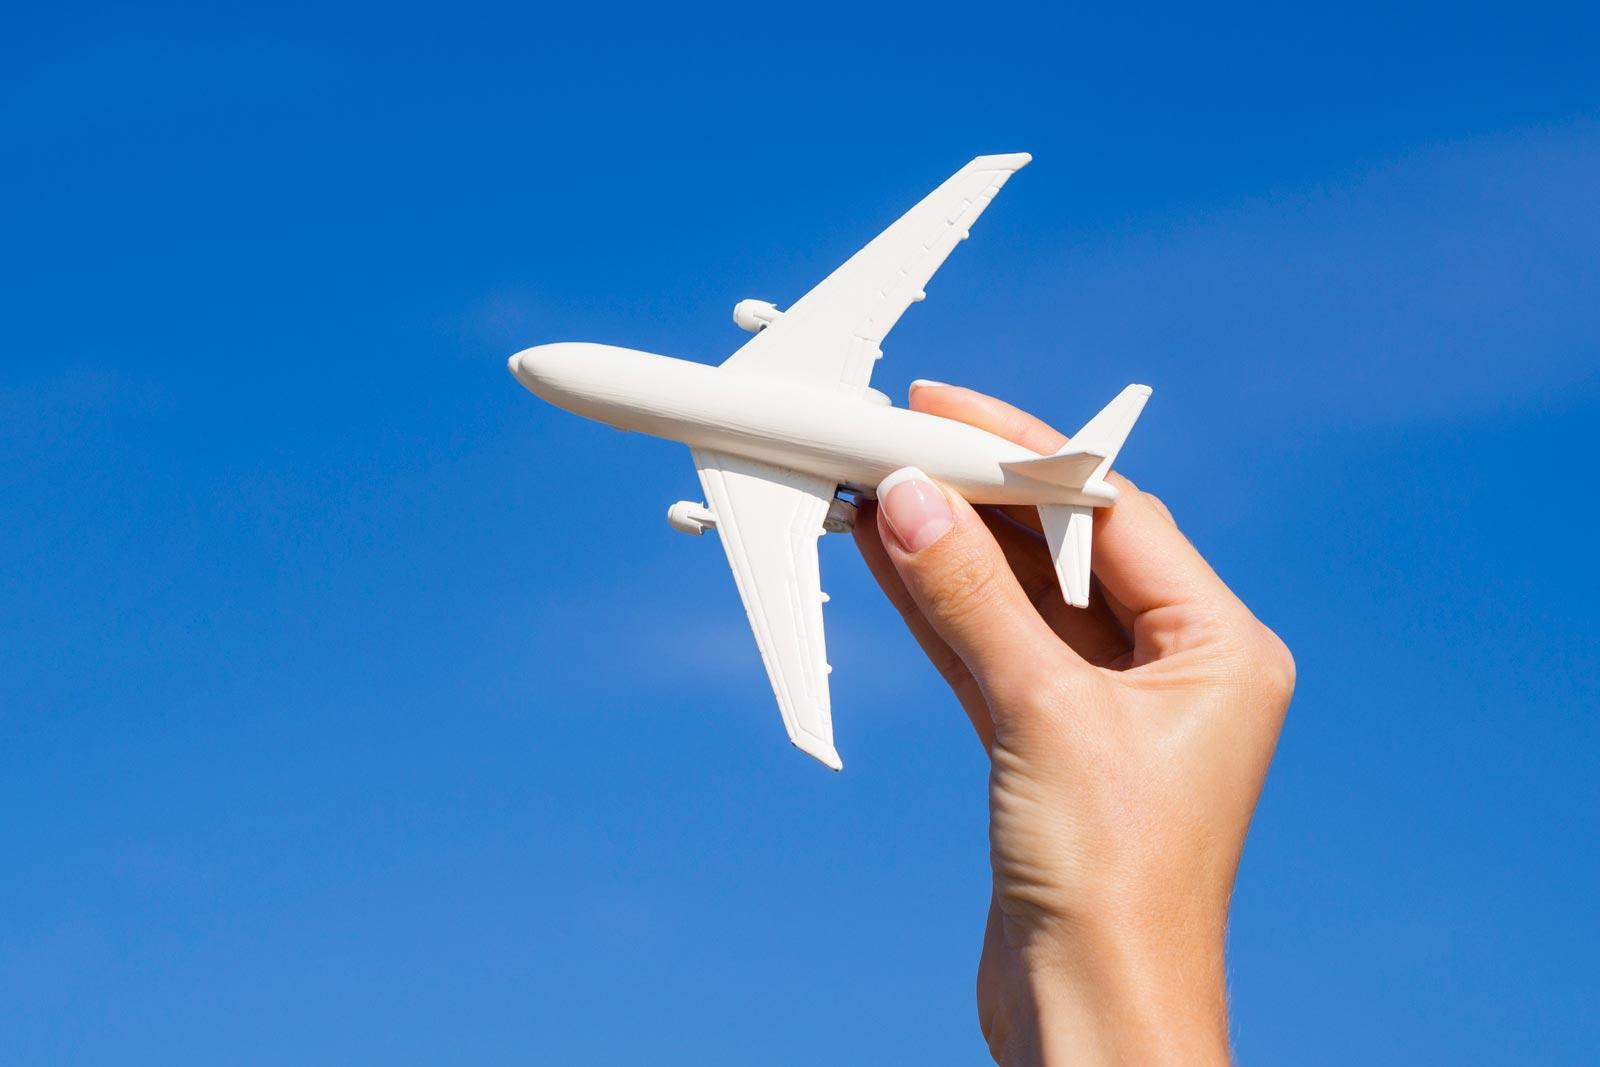 Mão feminina segurando um modelo de avião, num céu azul